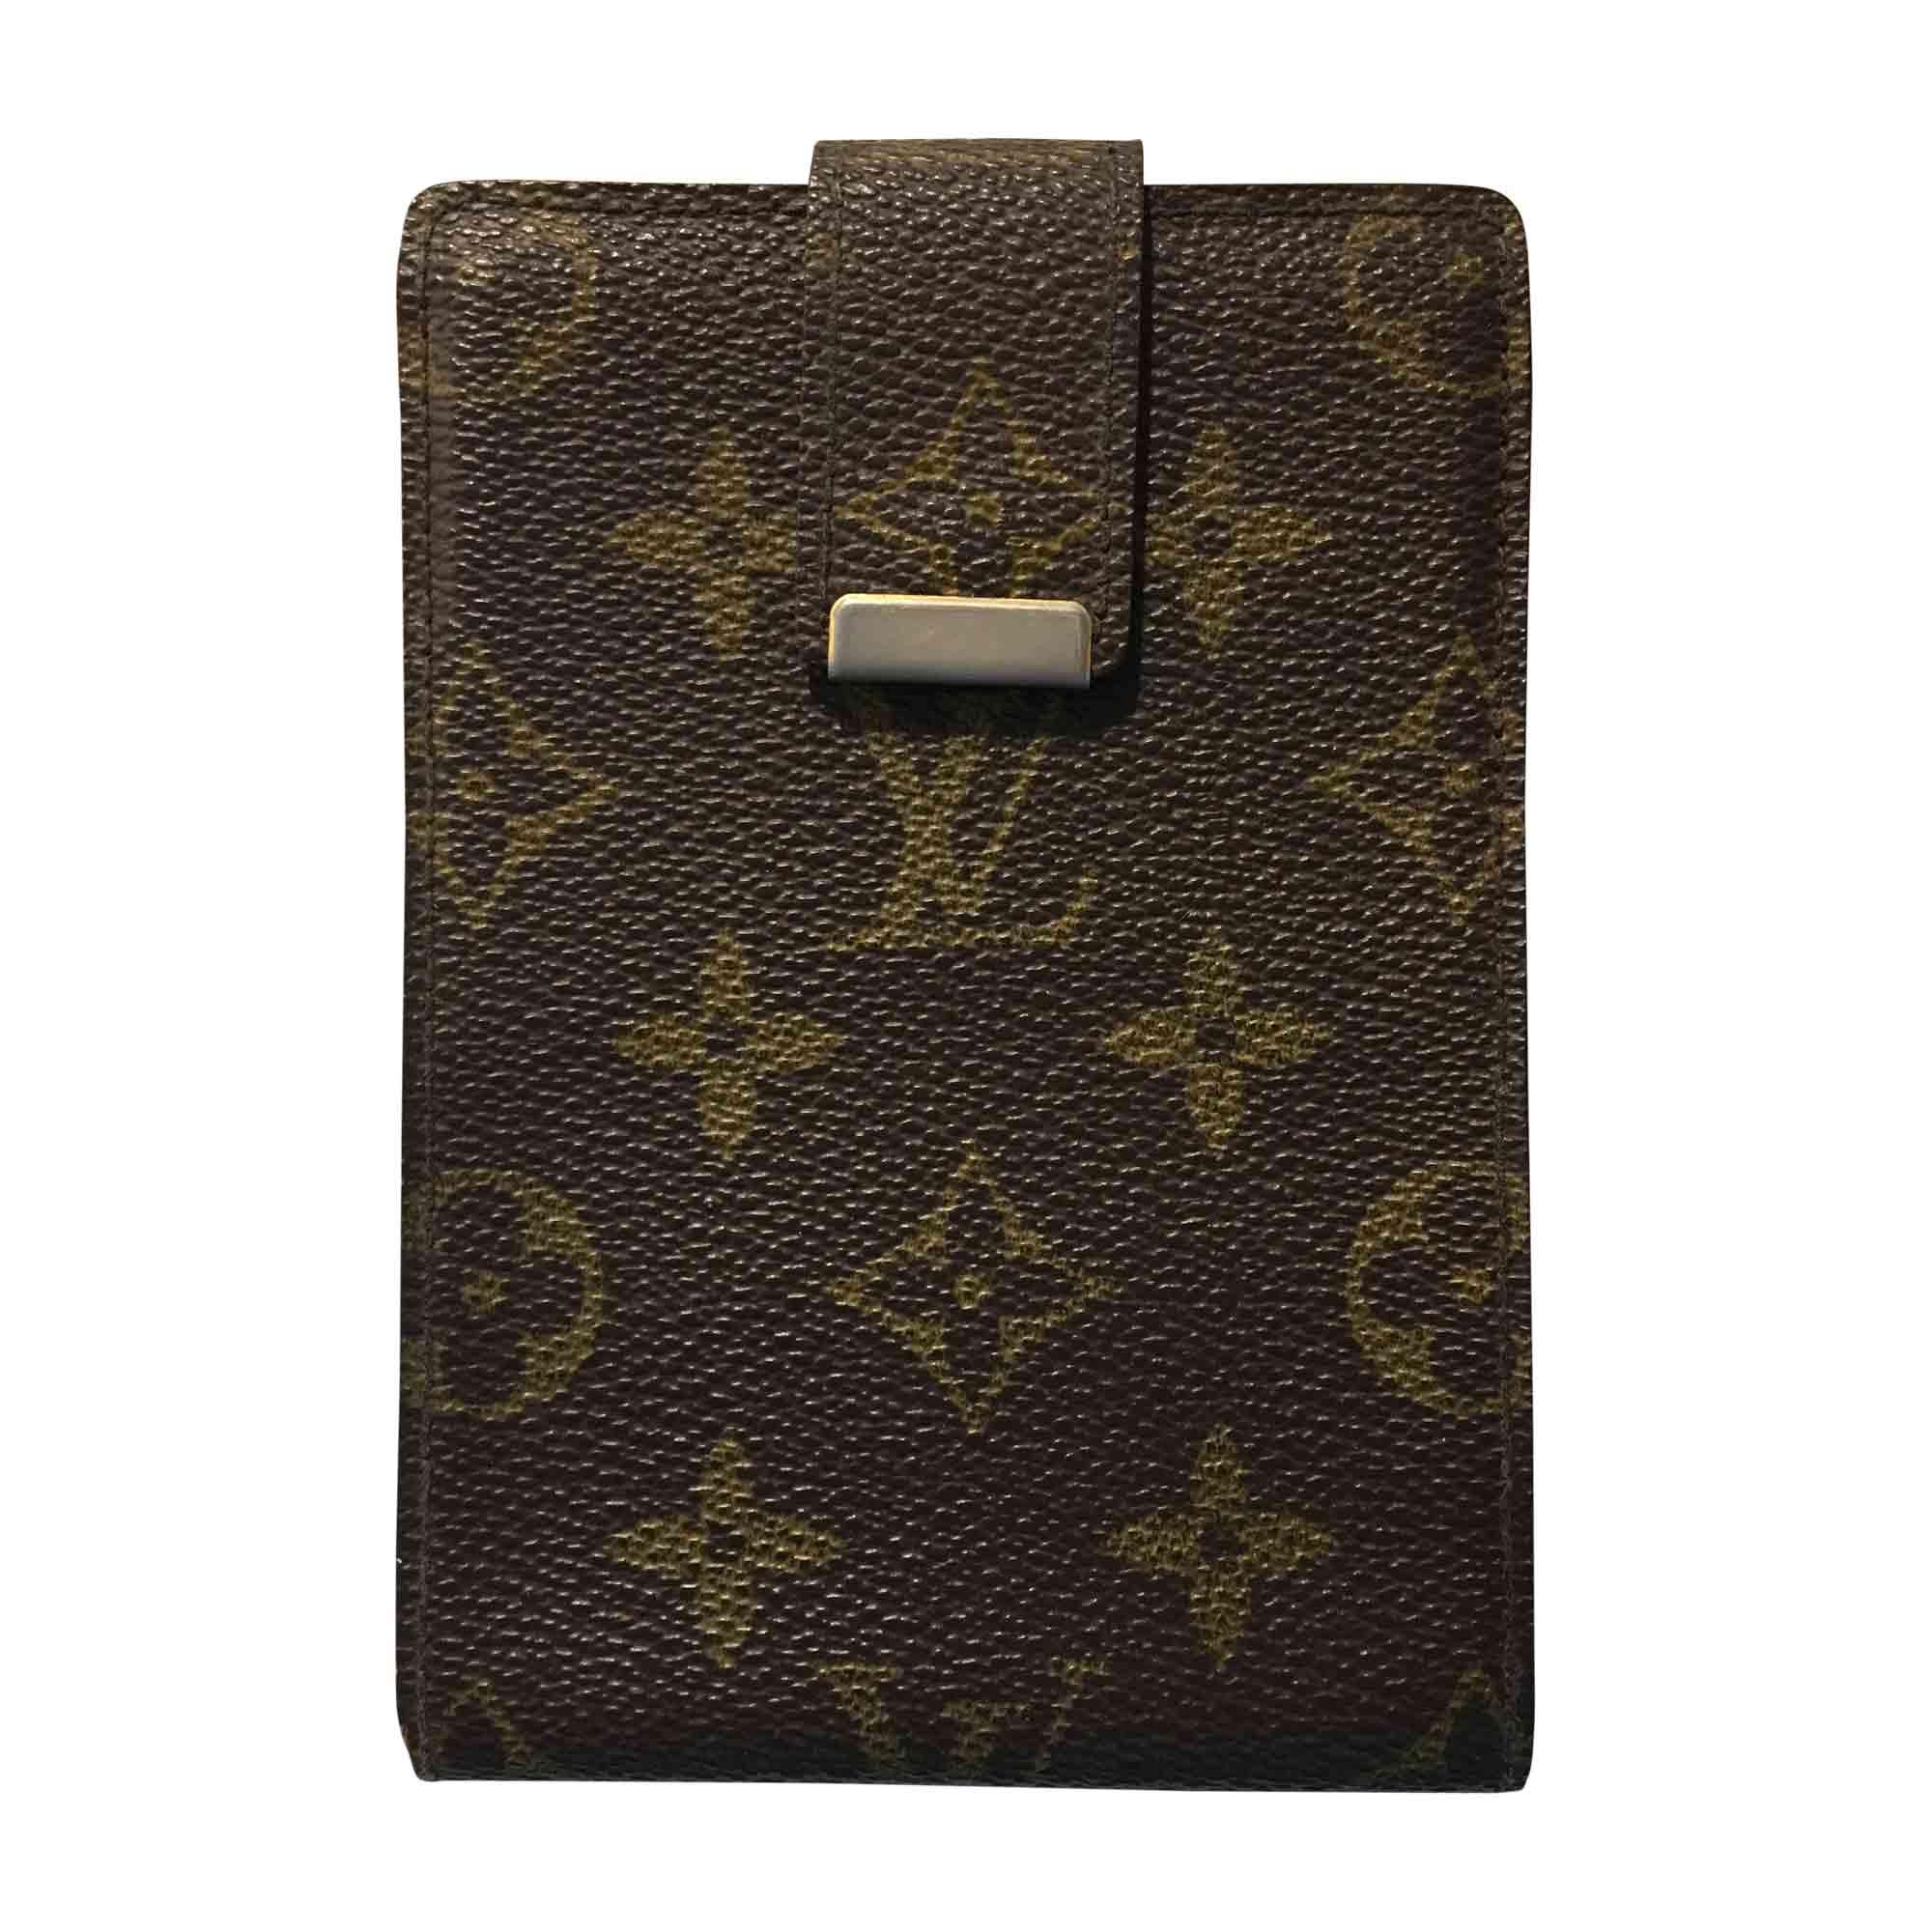 Porte-chéquier LOUIS VUITTON marron vendu par Sourilie - 7300050 4e03ae61d4c